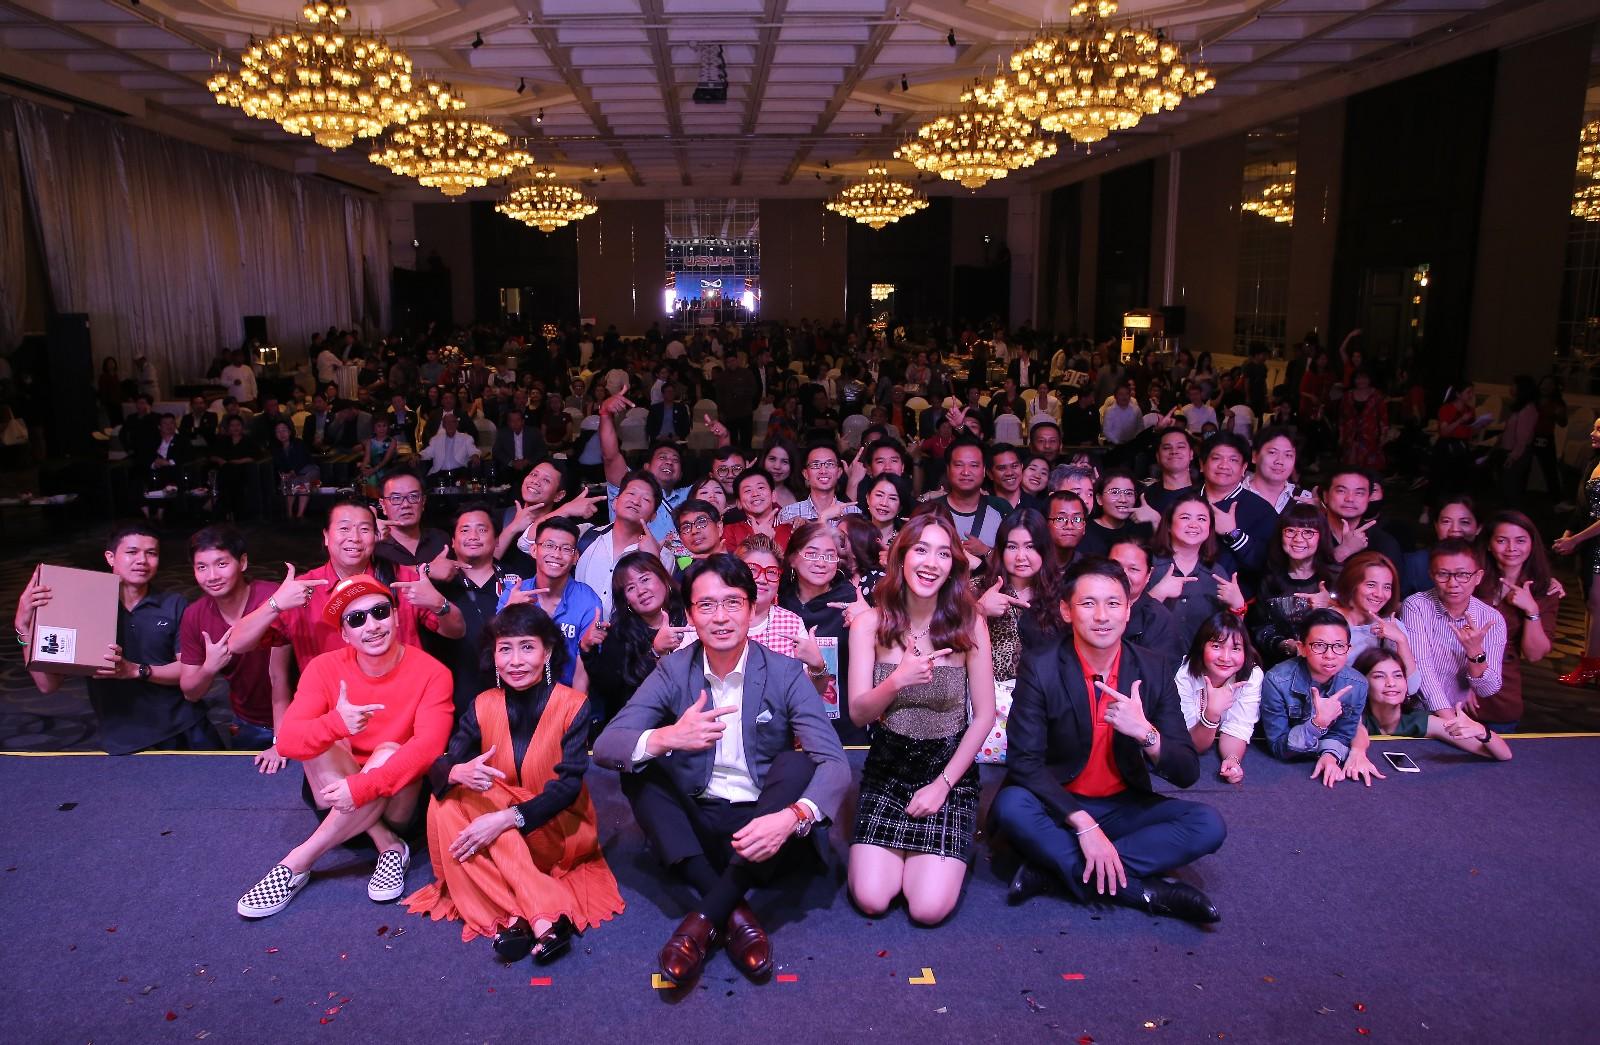 """ข่าวรถวันนี้ : อีซูซุจัดงาน """"Isuzu Infinite World Night Party...คืนพลิกโลก"""" ปาร์ตี้สุดมันขอบคุณสื่อมวลชน"""